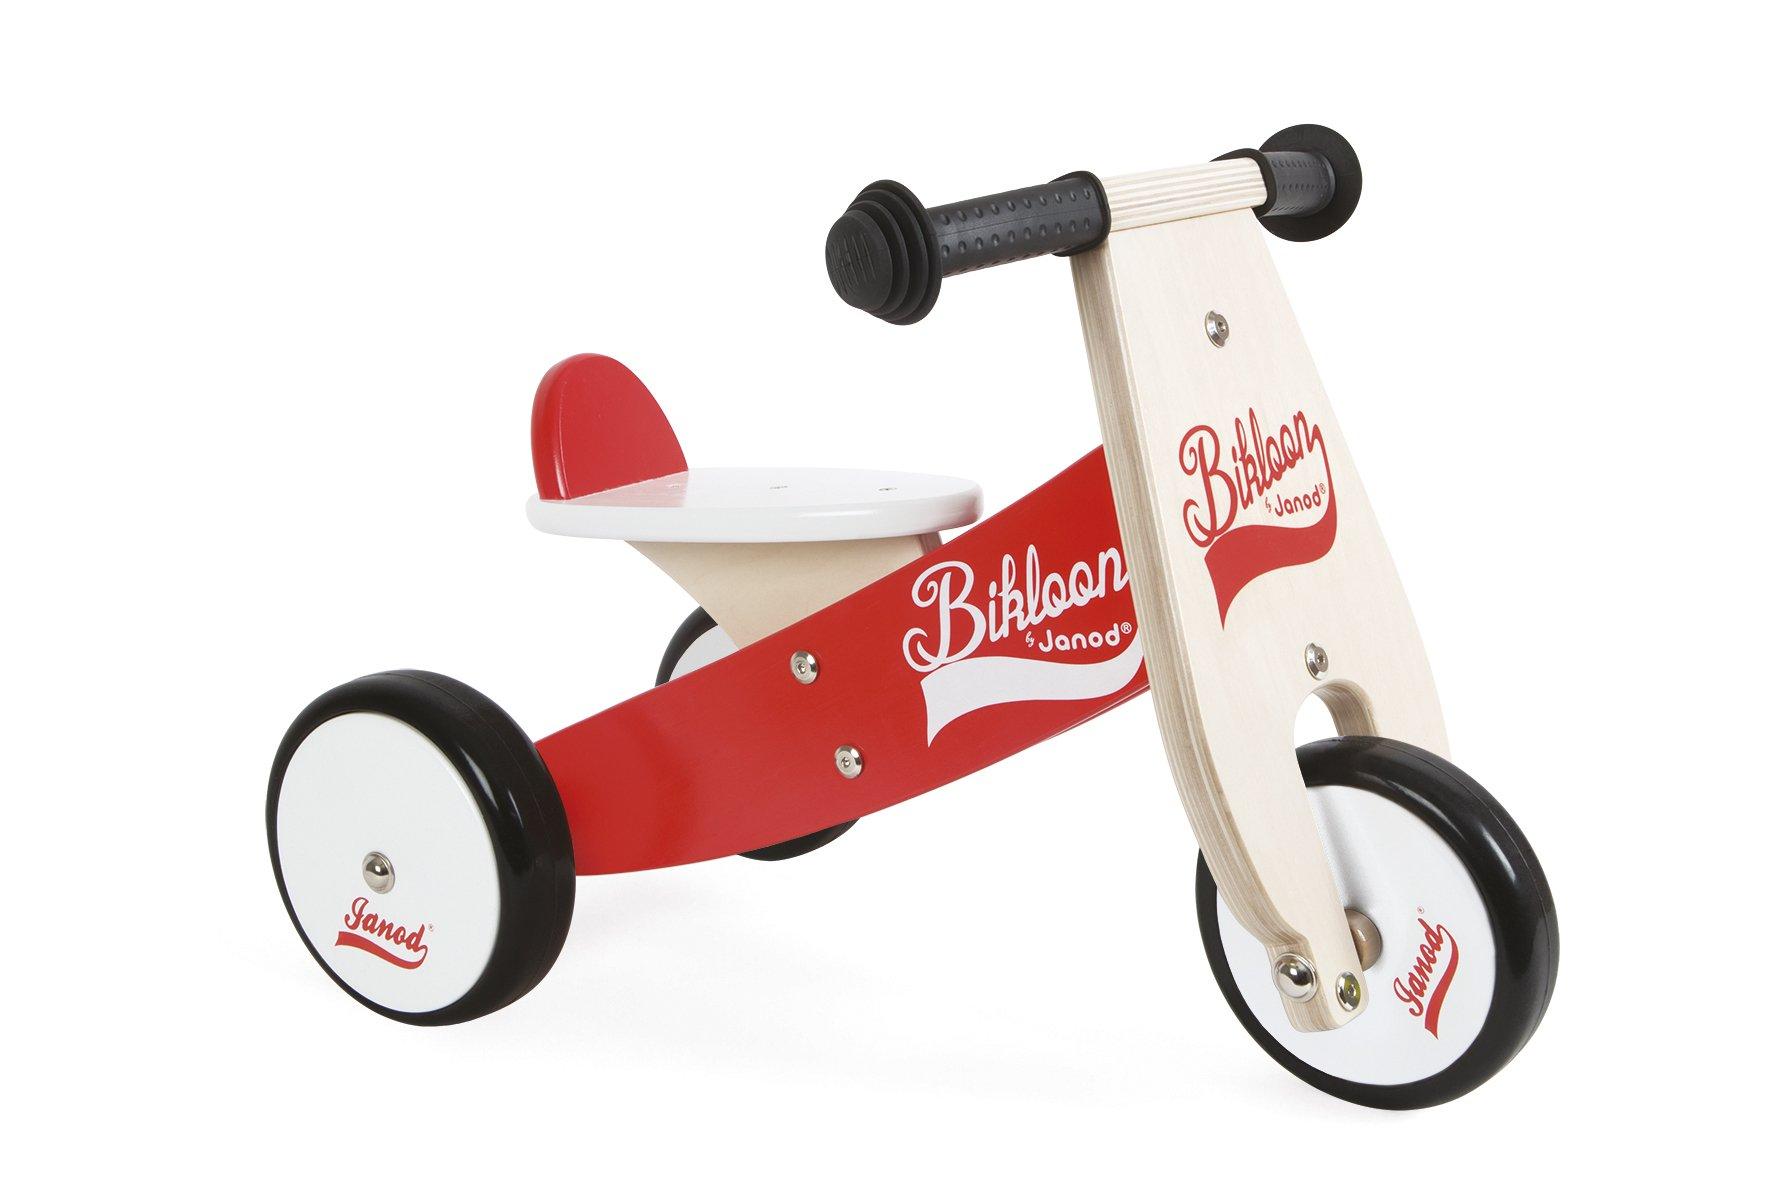 Janod - Bicicleta sin pedales Bikloon, madera, color rojo / blanco (J03261): Amazon.es: Juguetes y juegos